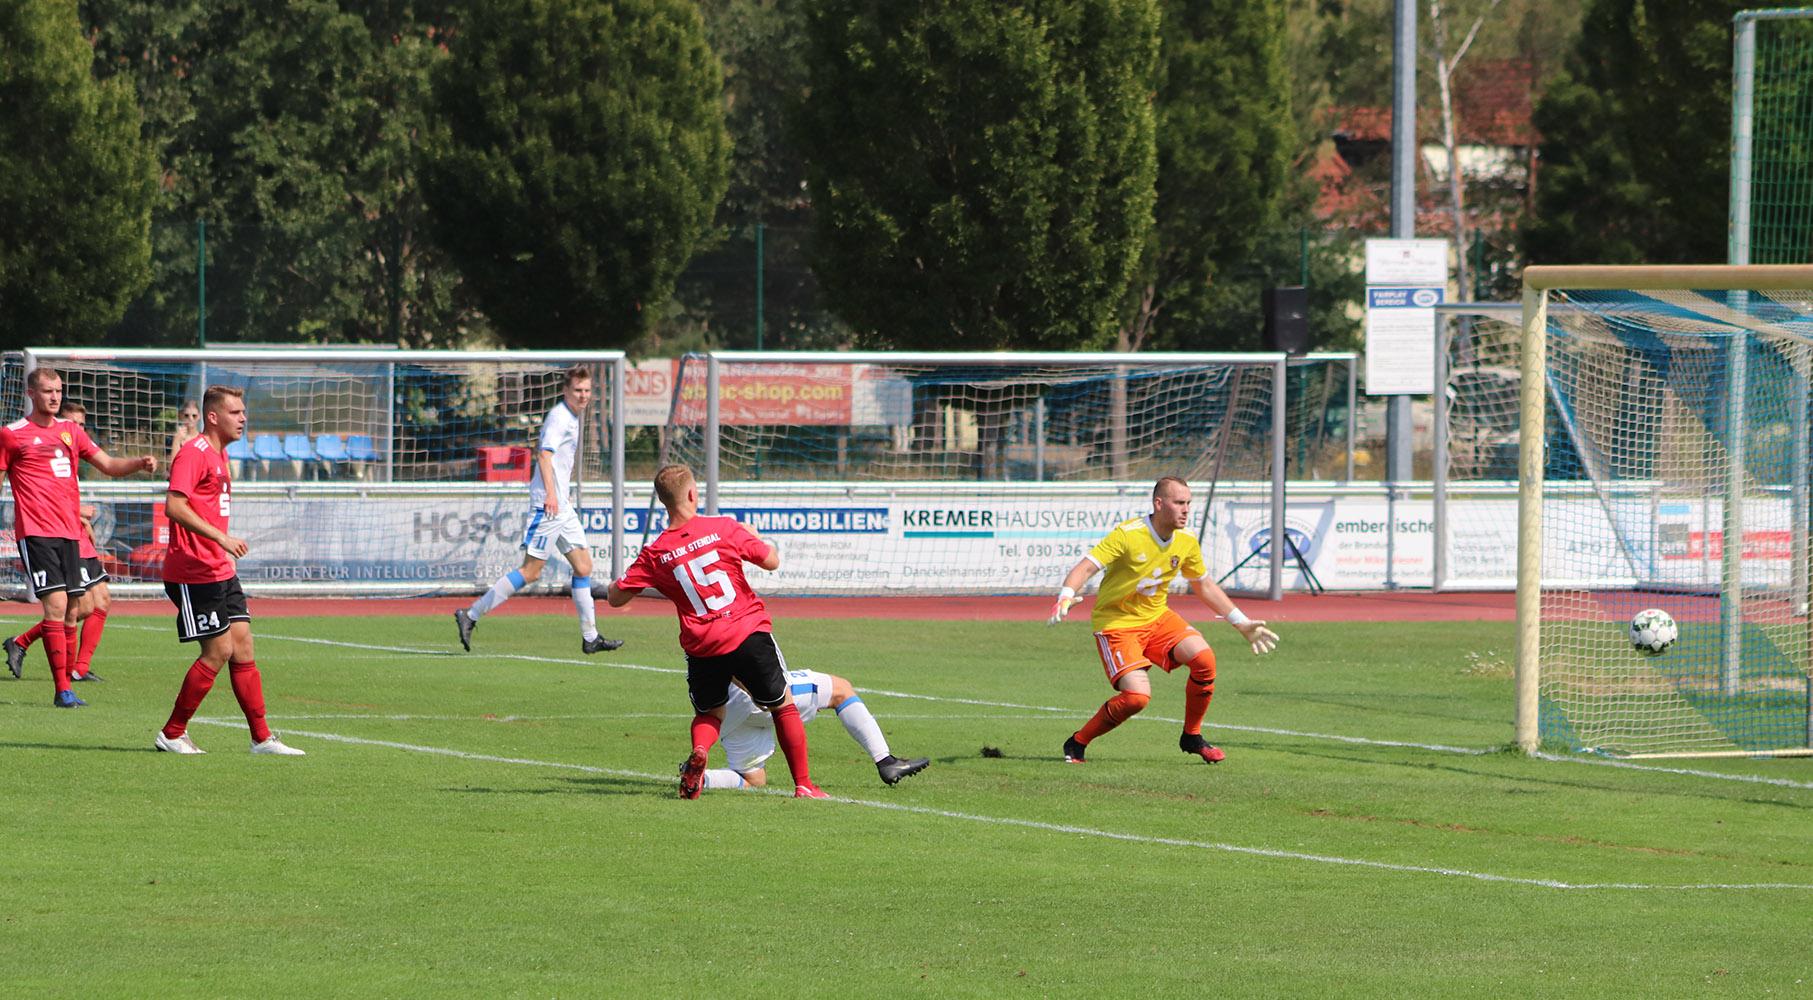 NOFV-Oberliga Nord ► 1. Spieltag - 1. FC Lok Stendal